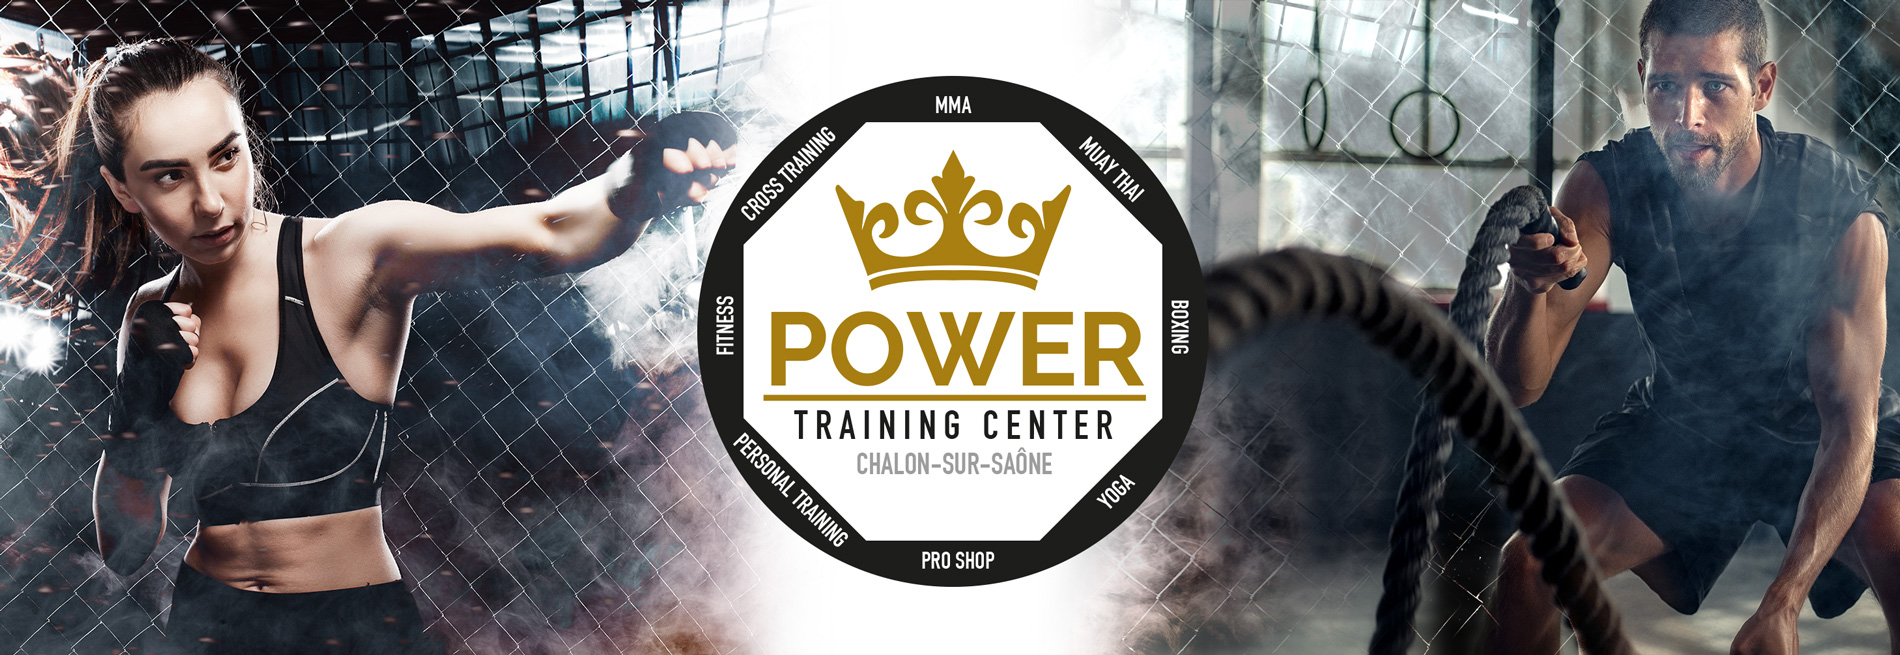 femme-homme-crossfit-et-cours-boxe-tailandaise-mma-powertrainingcenter